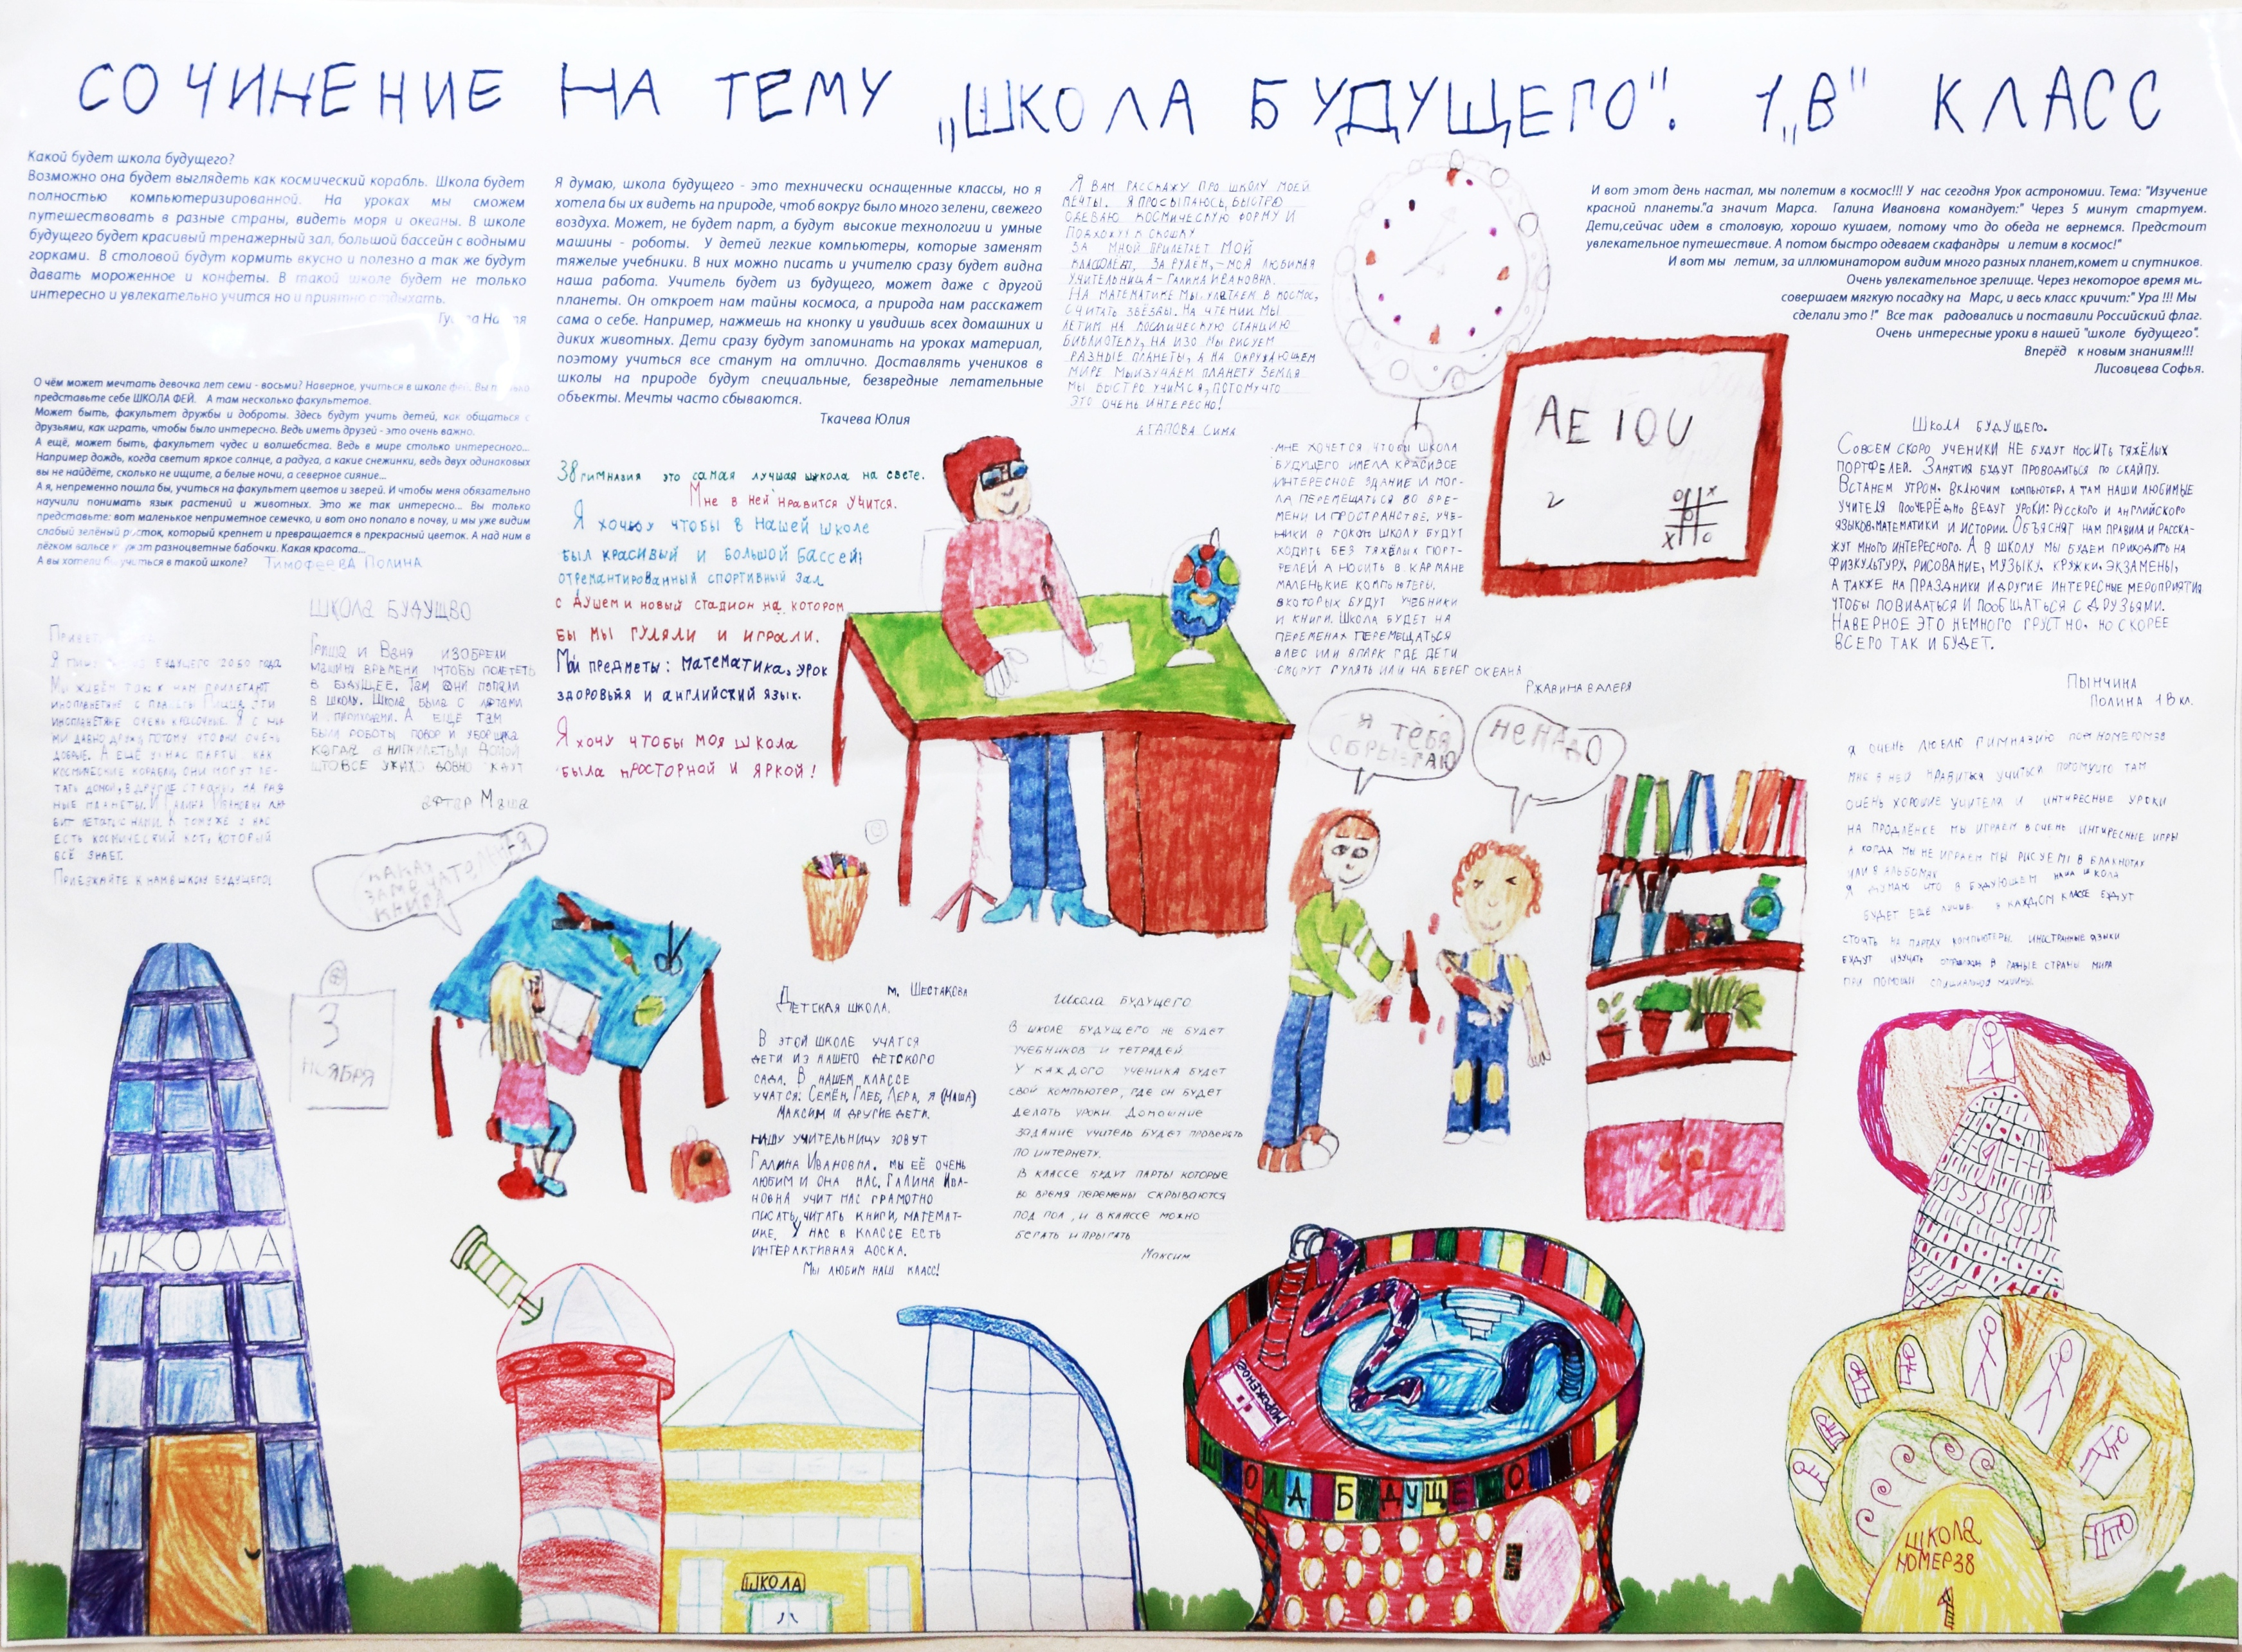 Сочинения по английскому на тему школа моей мечты